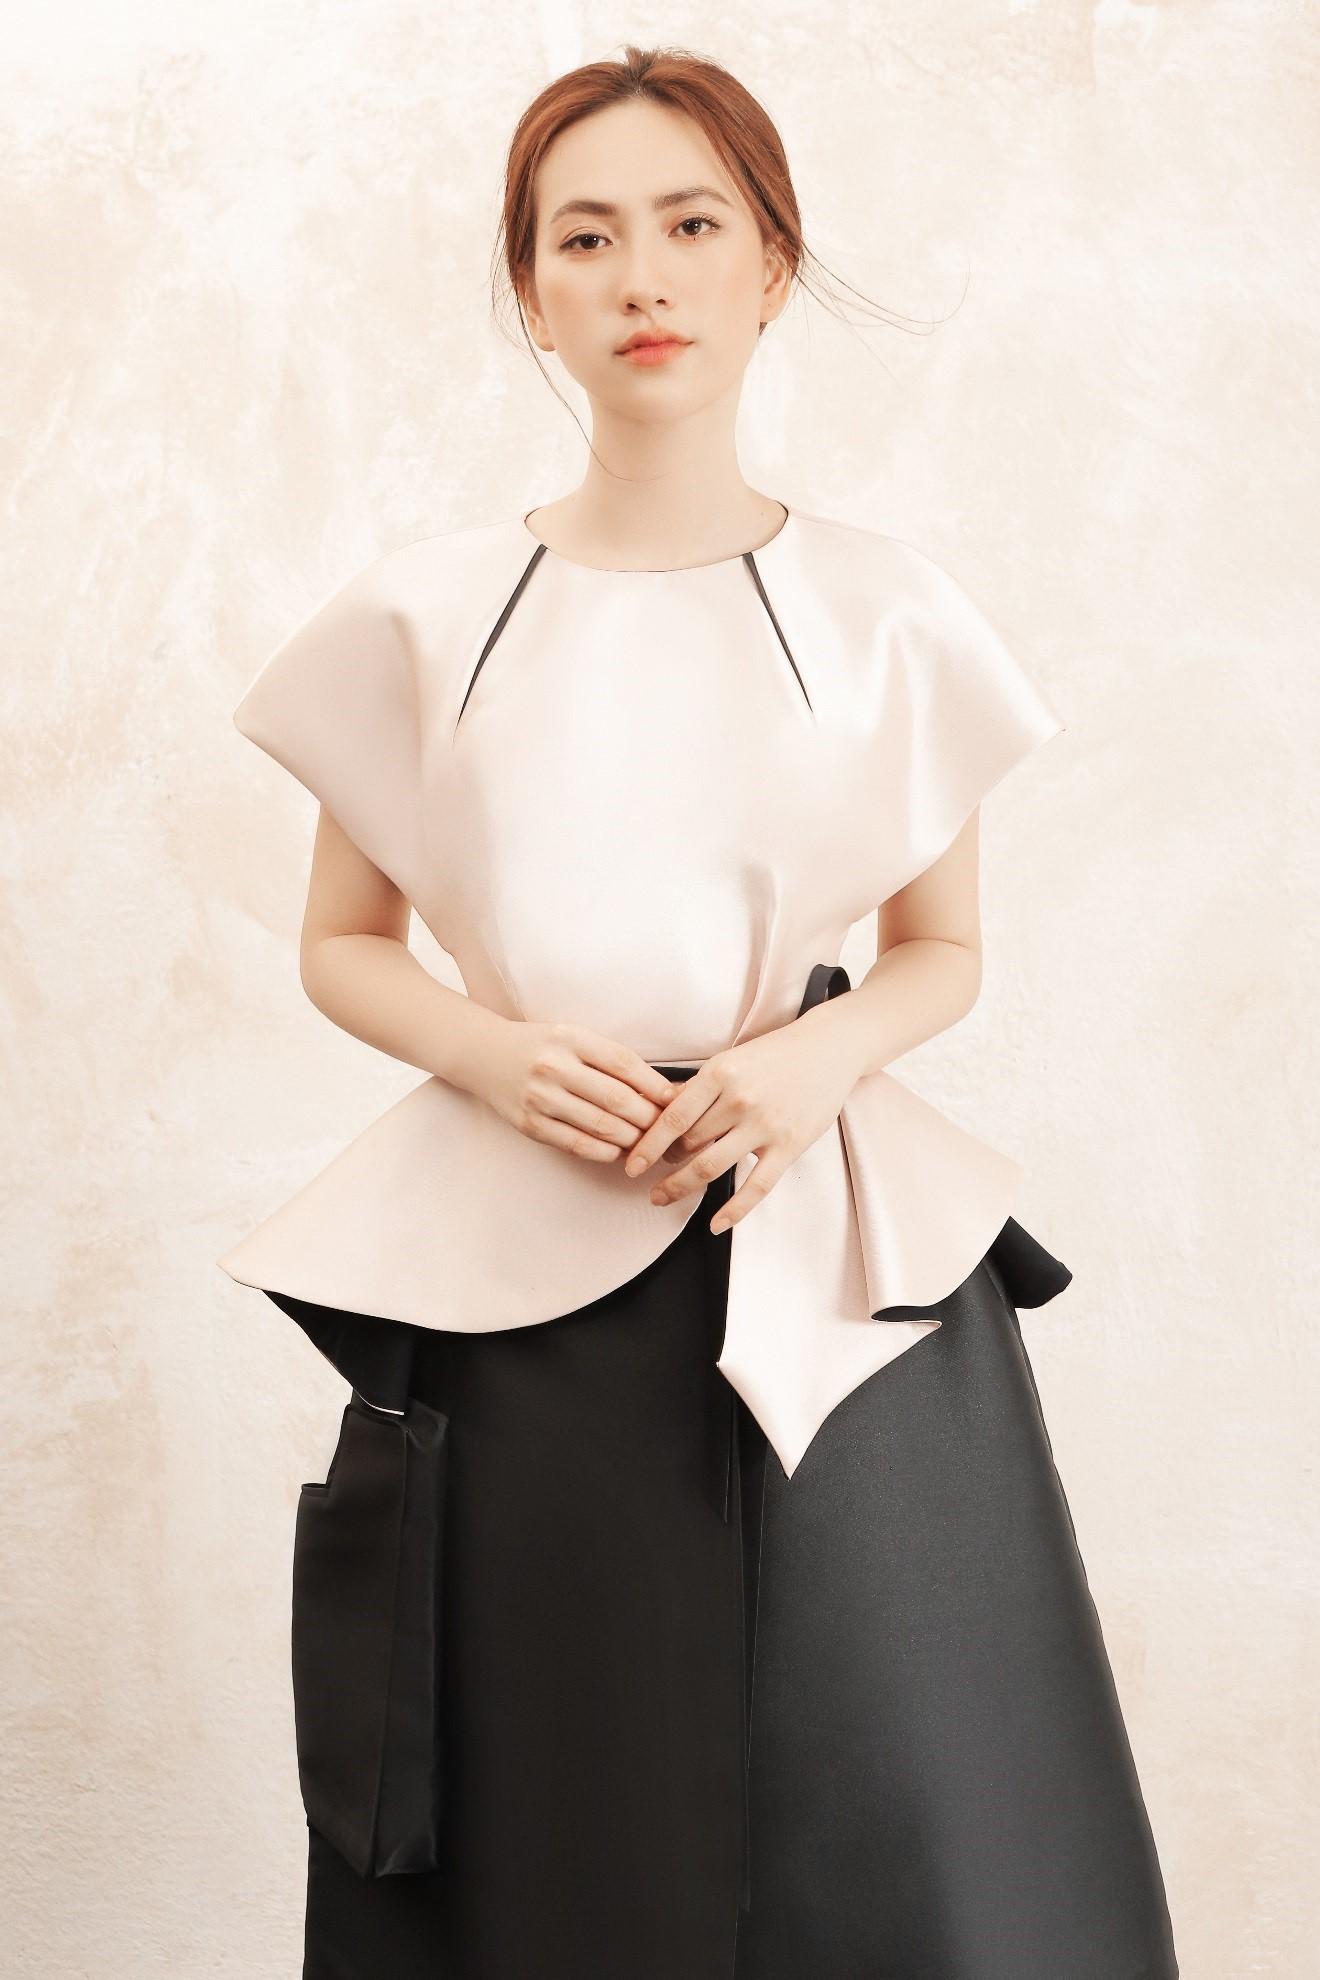 """Sau """"Chàng vợ của em"""", Phương Anh Đào đầy xinh đẹp, cuốn hút trong BST từng xuất hiện trên Vogue của PHUONG MY - Ảnh 1."""